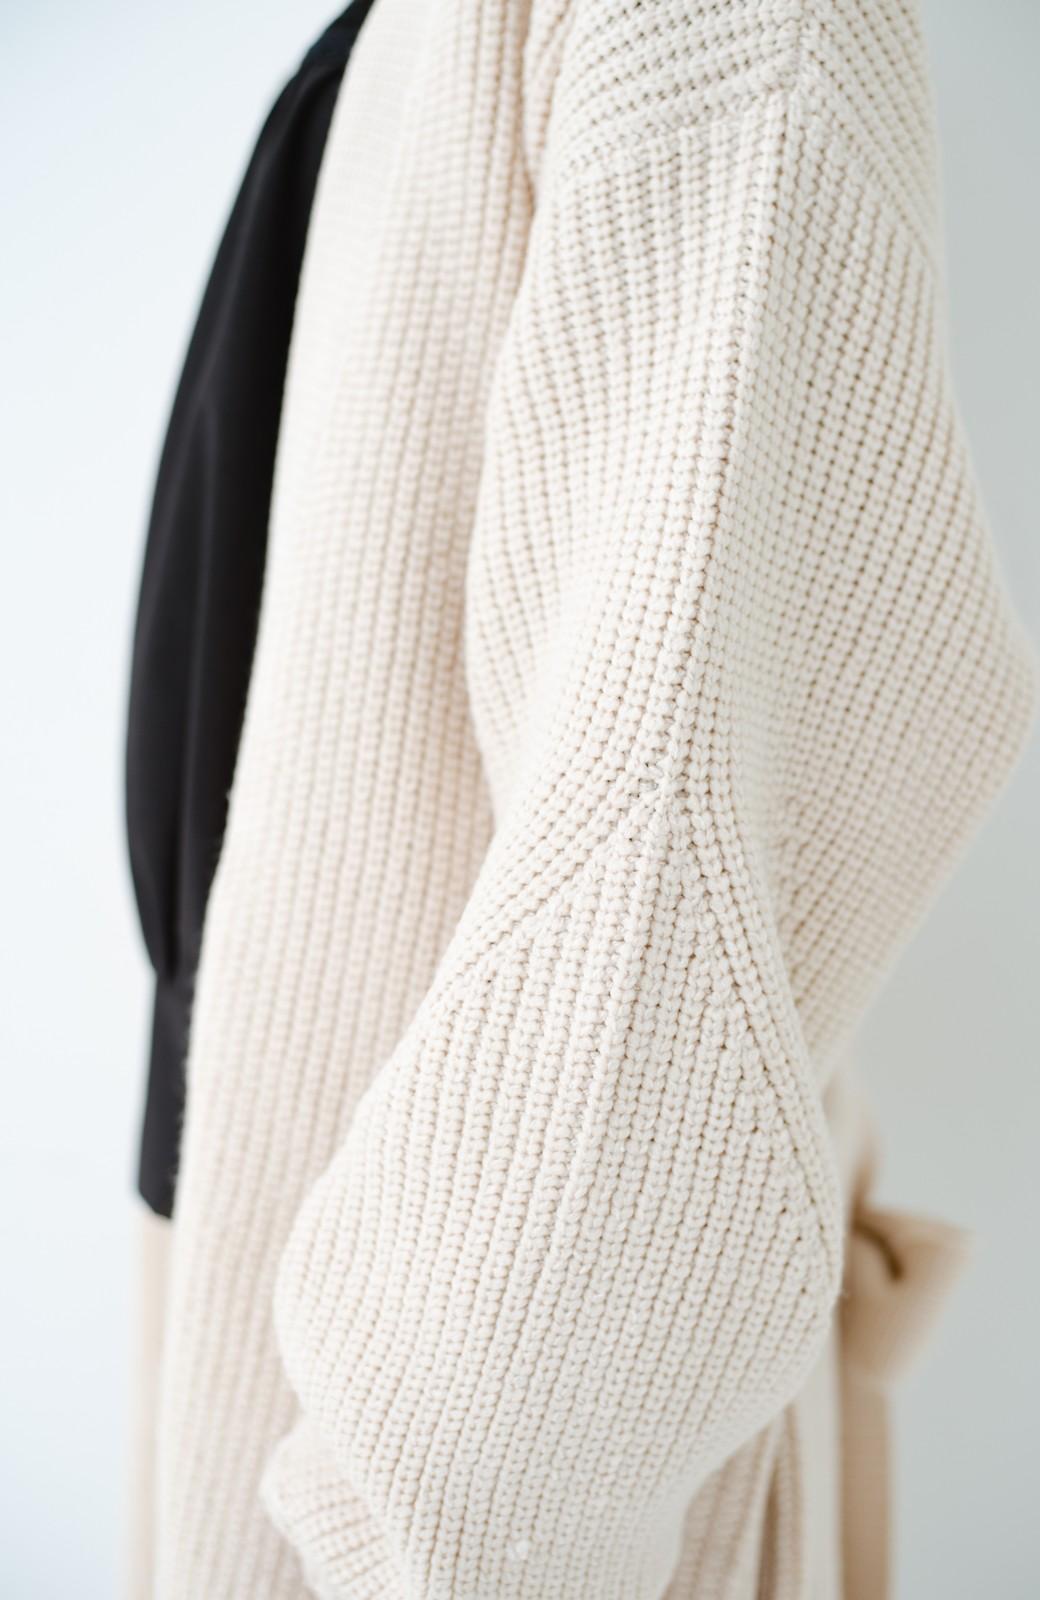 haco! さっと羽織るのにちょうどいい ぷっくり袖のあぜ編みニットガウン <アイボリー>の商品写真3